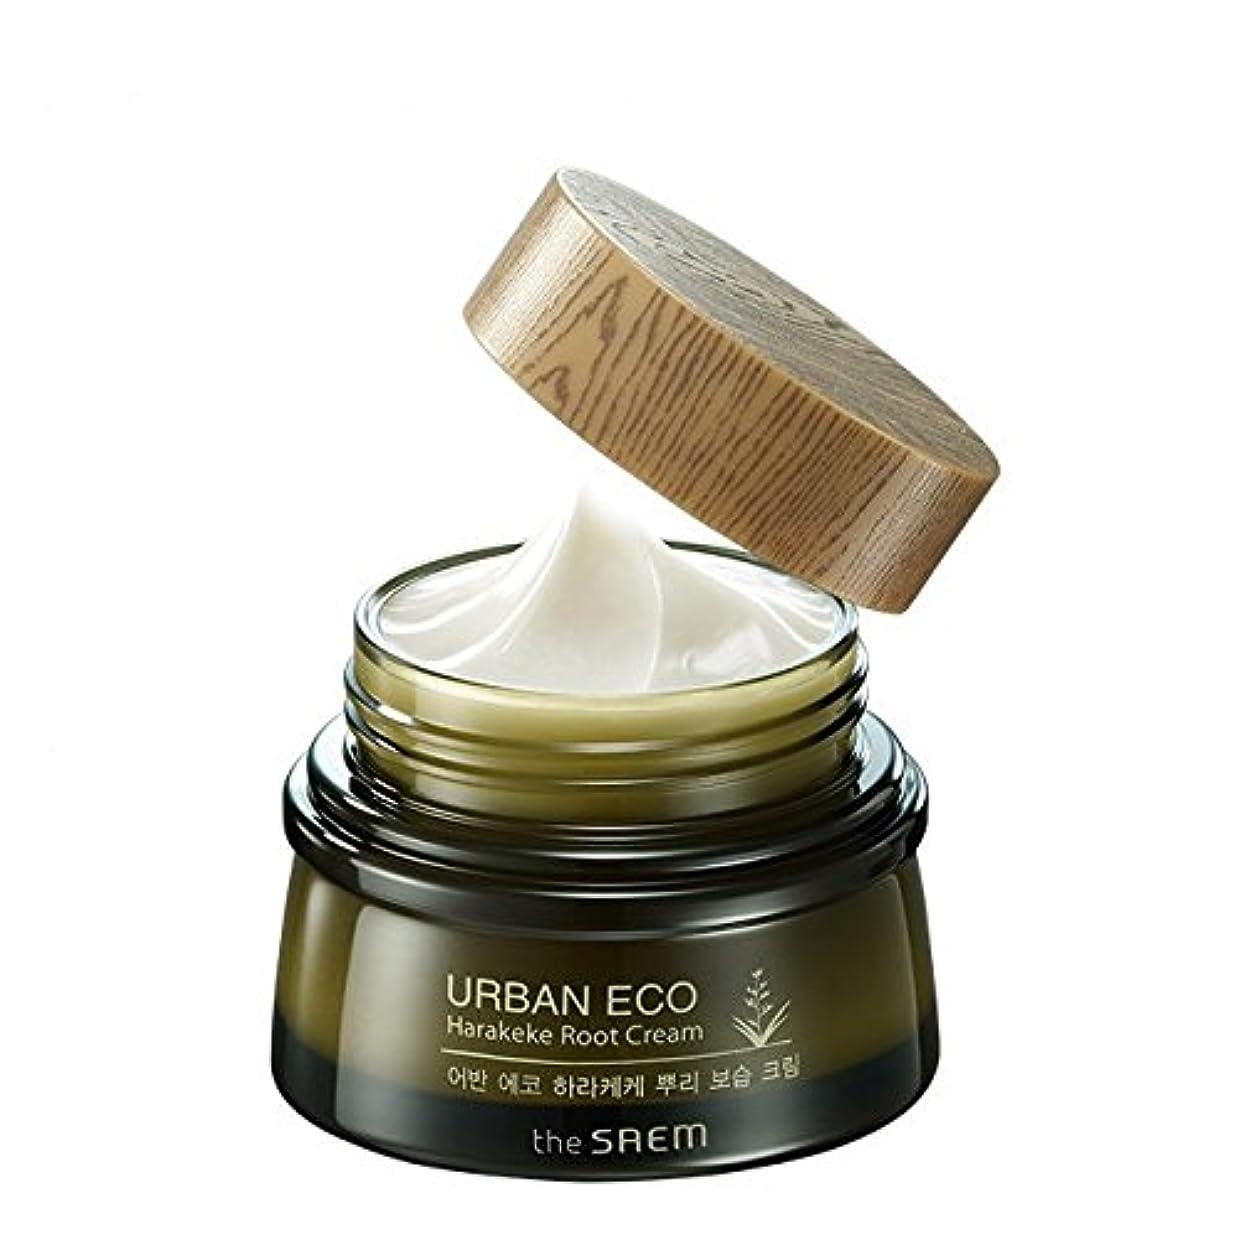 逃れるさわやか花婿[ザセム] The Saem [アーバンエコ ハラケケ 根保湿クリーム60ml (The Saem Urban Eco Harakeke Root Cream60ml)